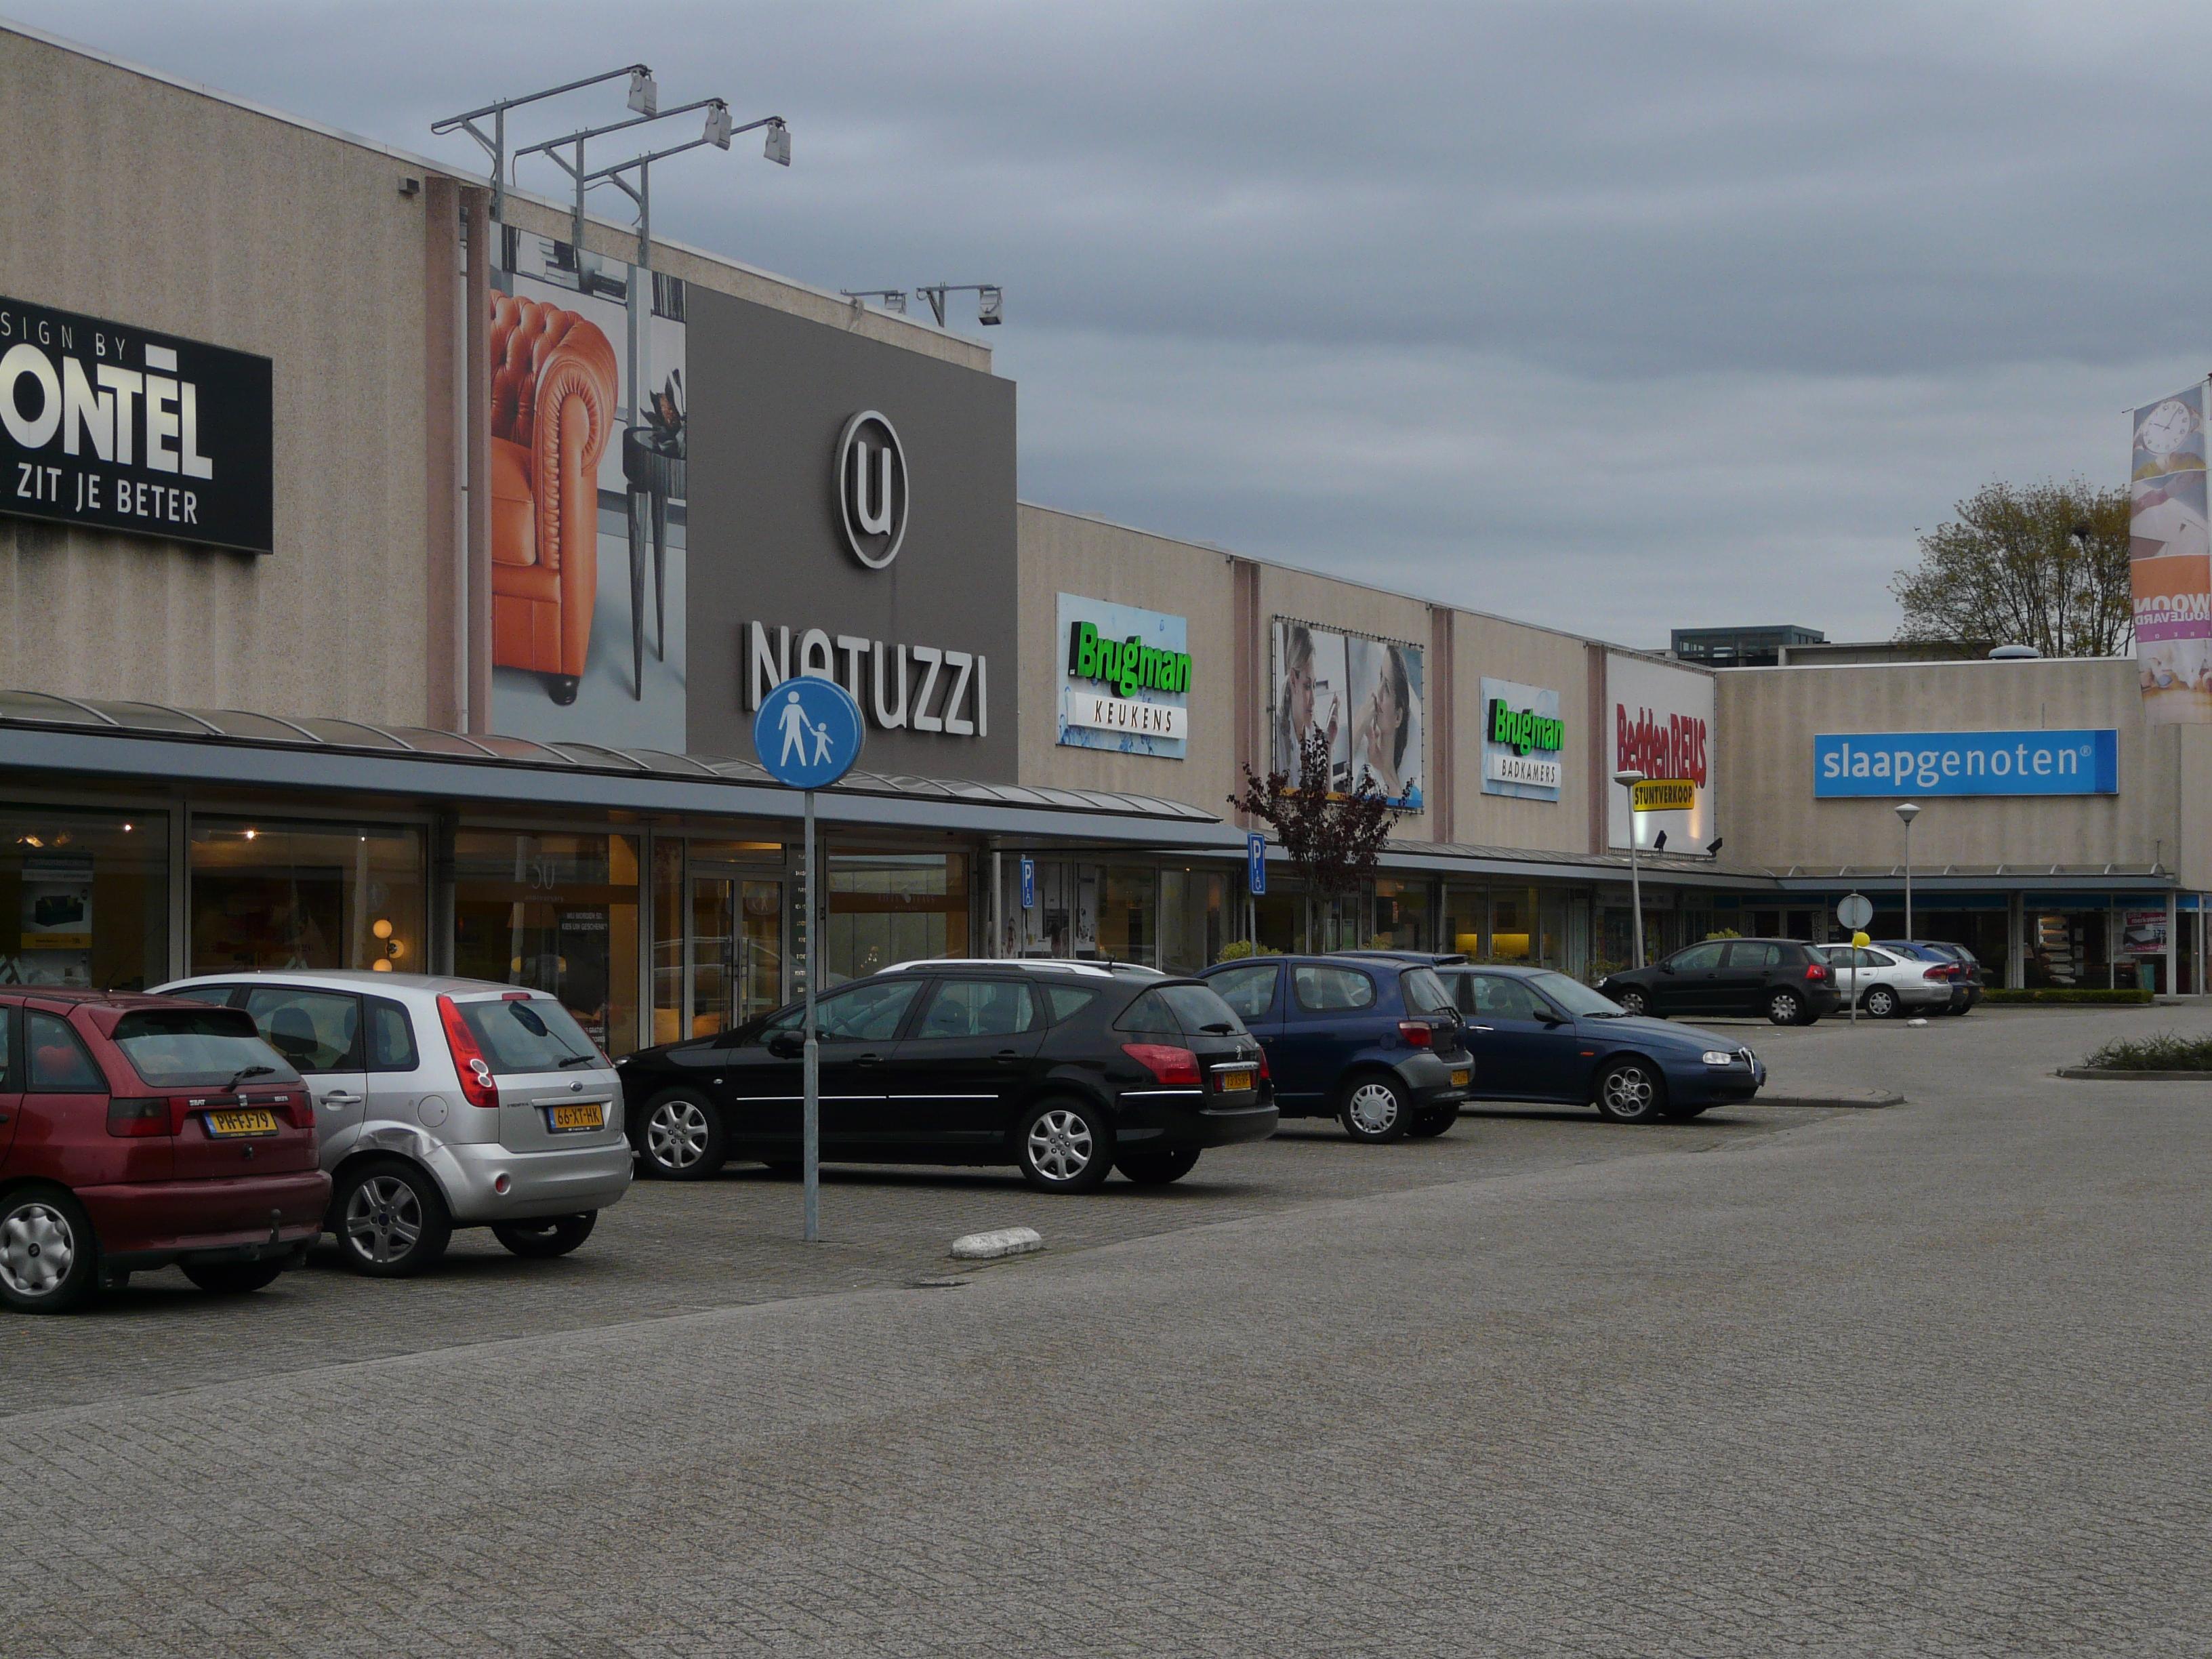 Badkamers Woonboulevard Breda : File p woonboulevard breda g wikimedia commons